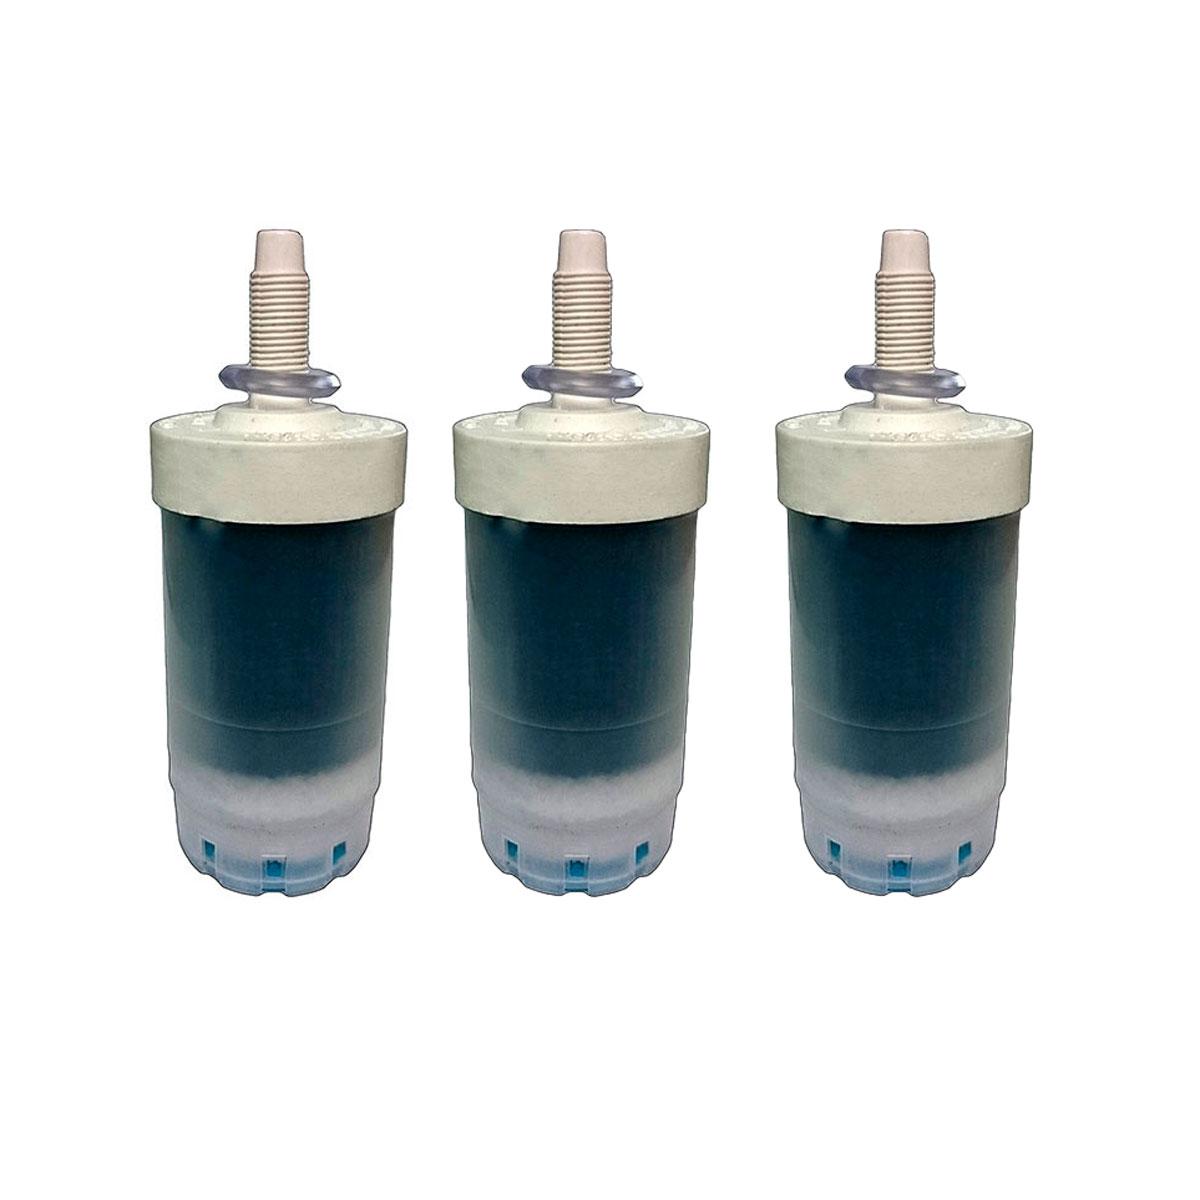 Vela Refil De Filtro Econ P - Kit 3 Und